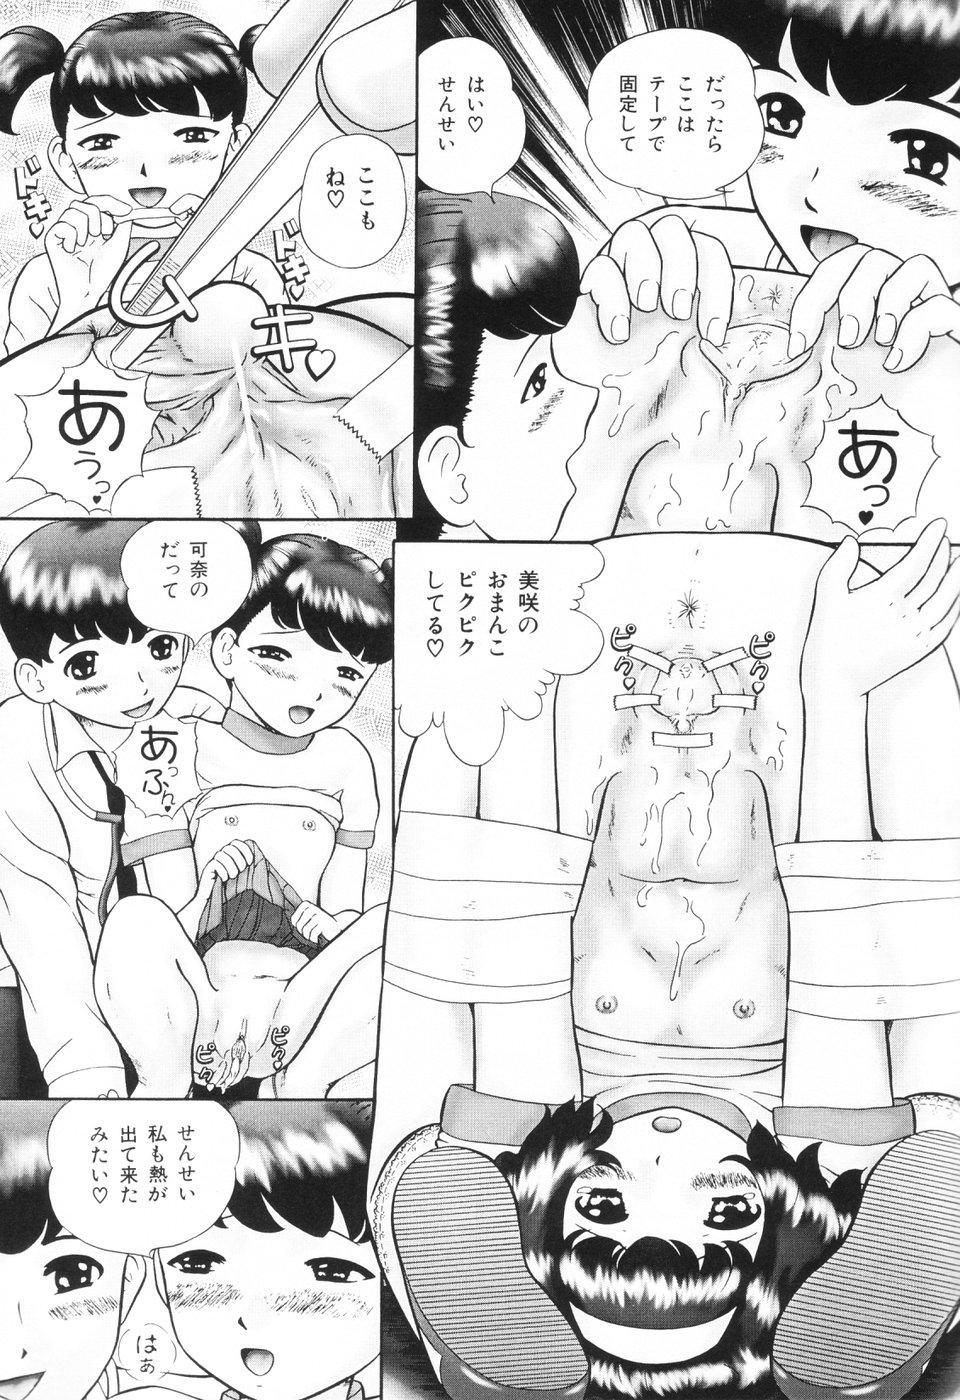 Koneko Genki!! - Powerful Pussycat!! 48